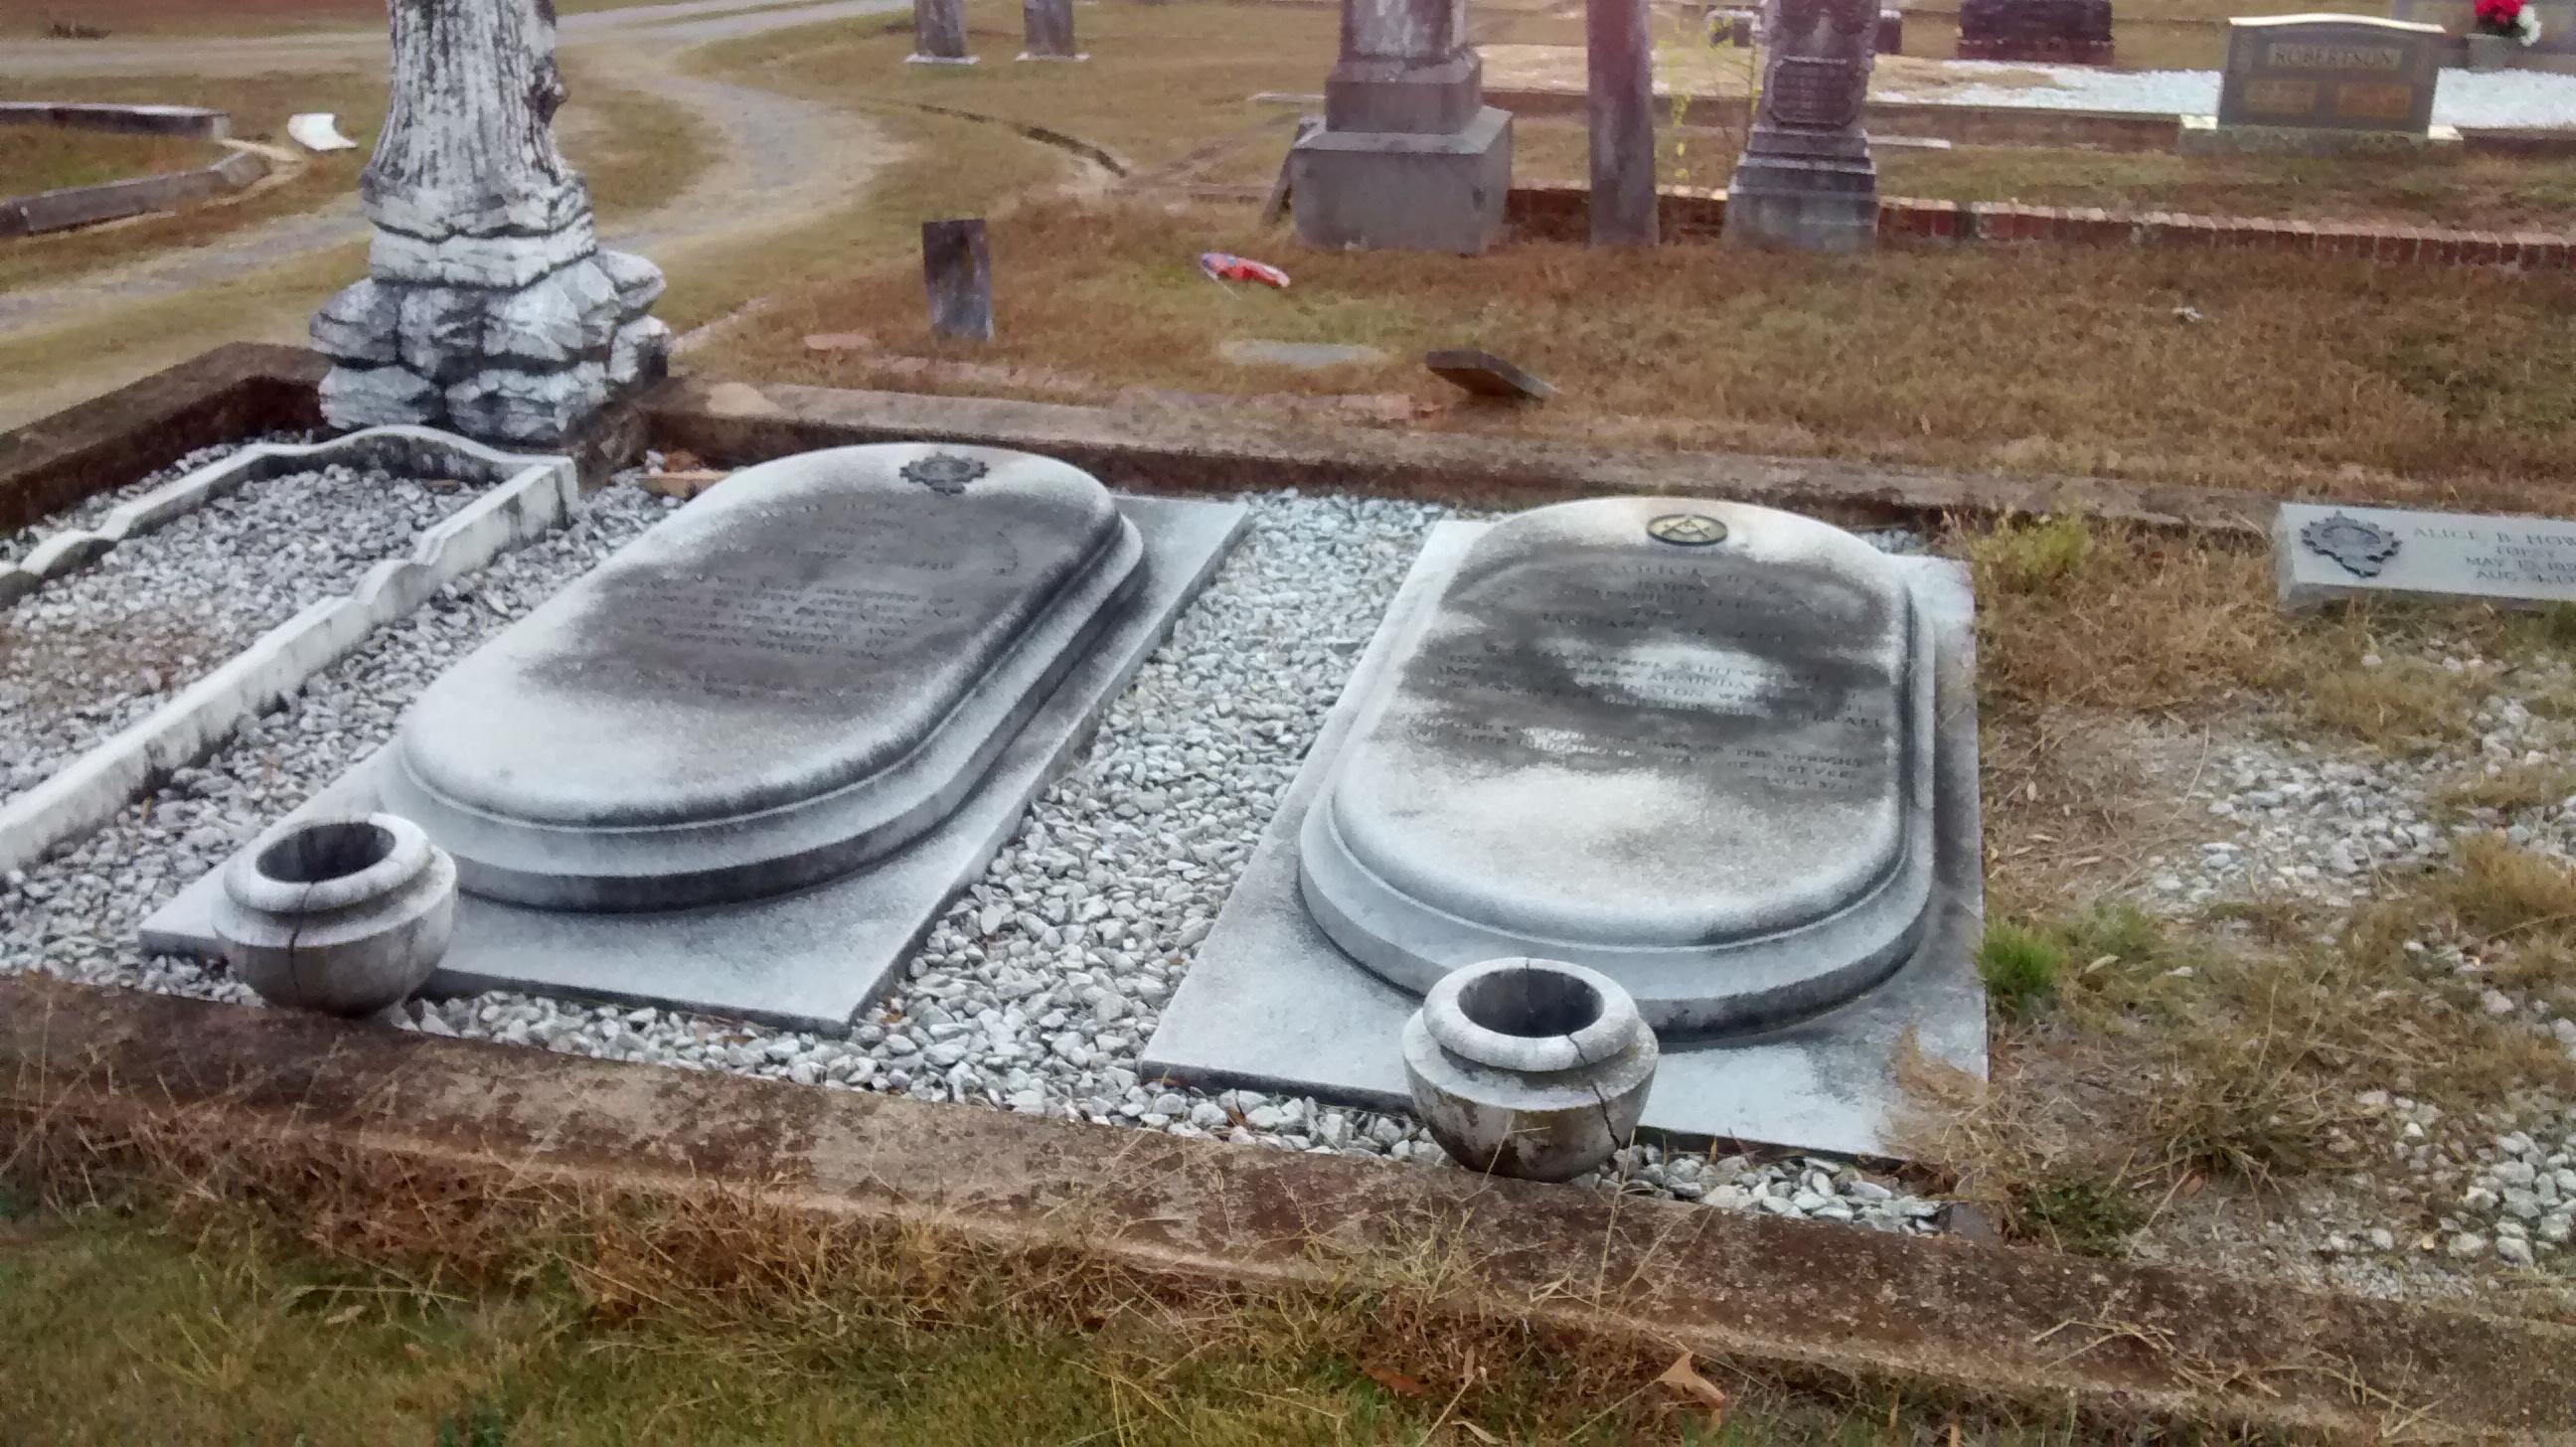 eastview-cemetery-marble-gravestones - The Cemetery Detective™